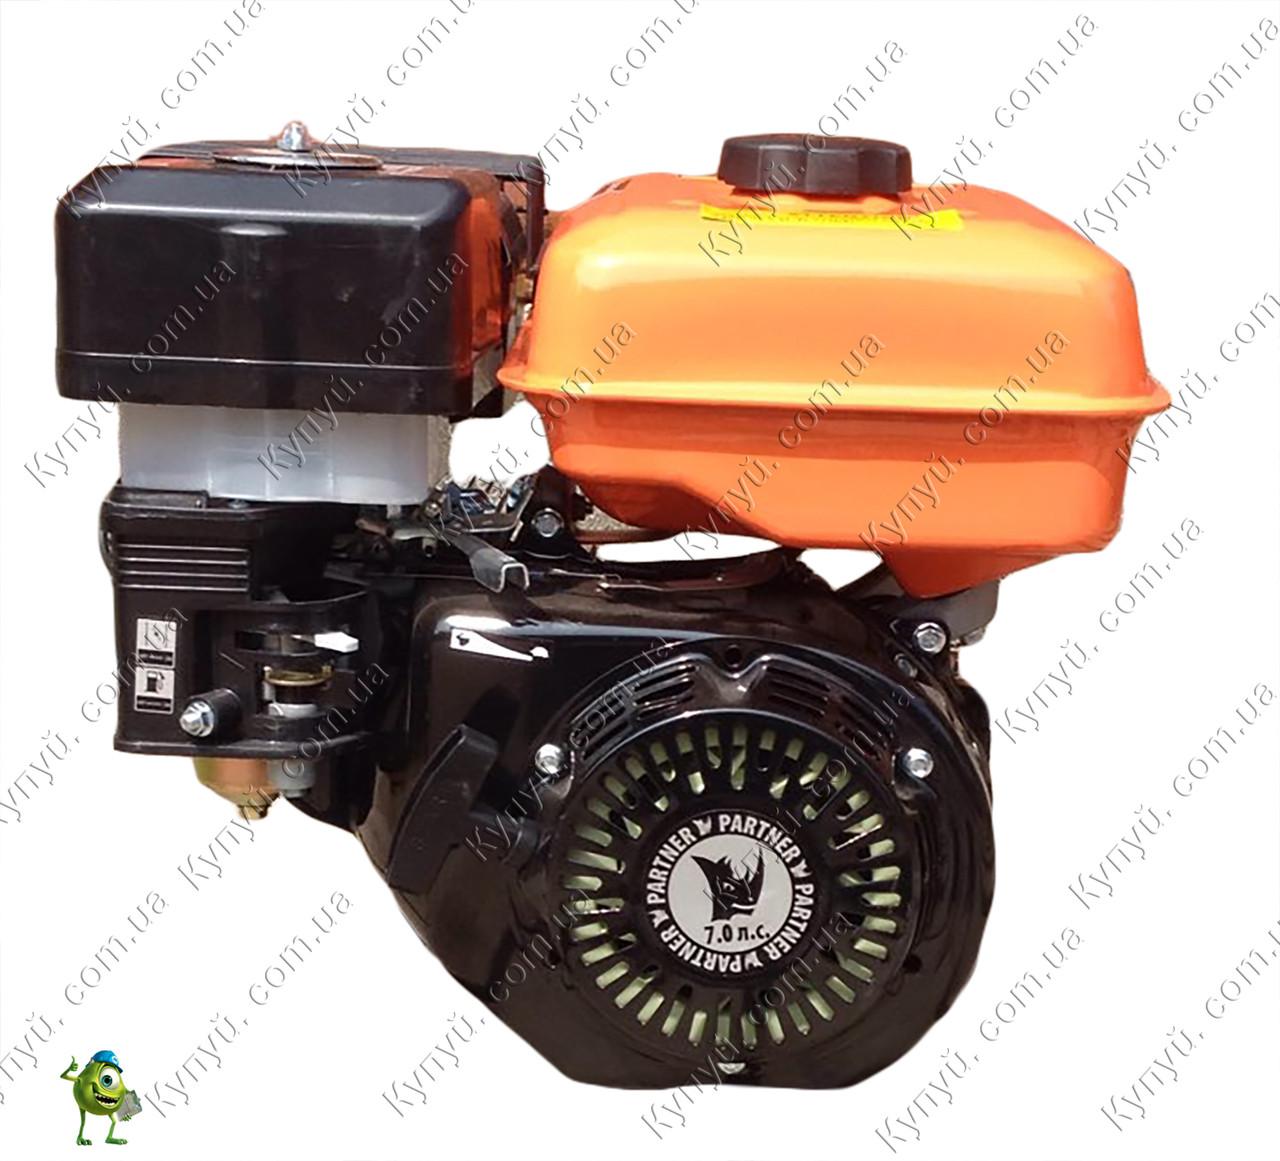 двигатель для мотоблока - обзор моделей, важные параметры